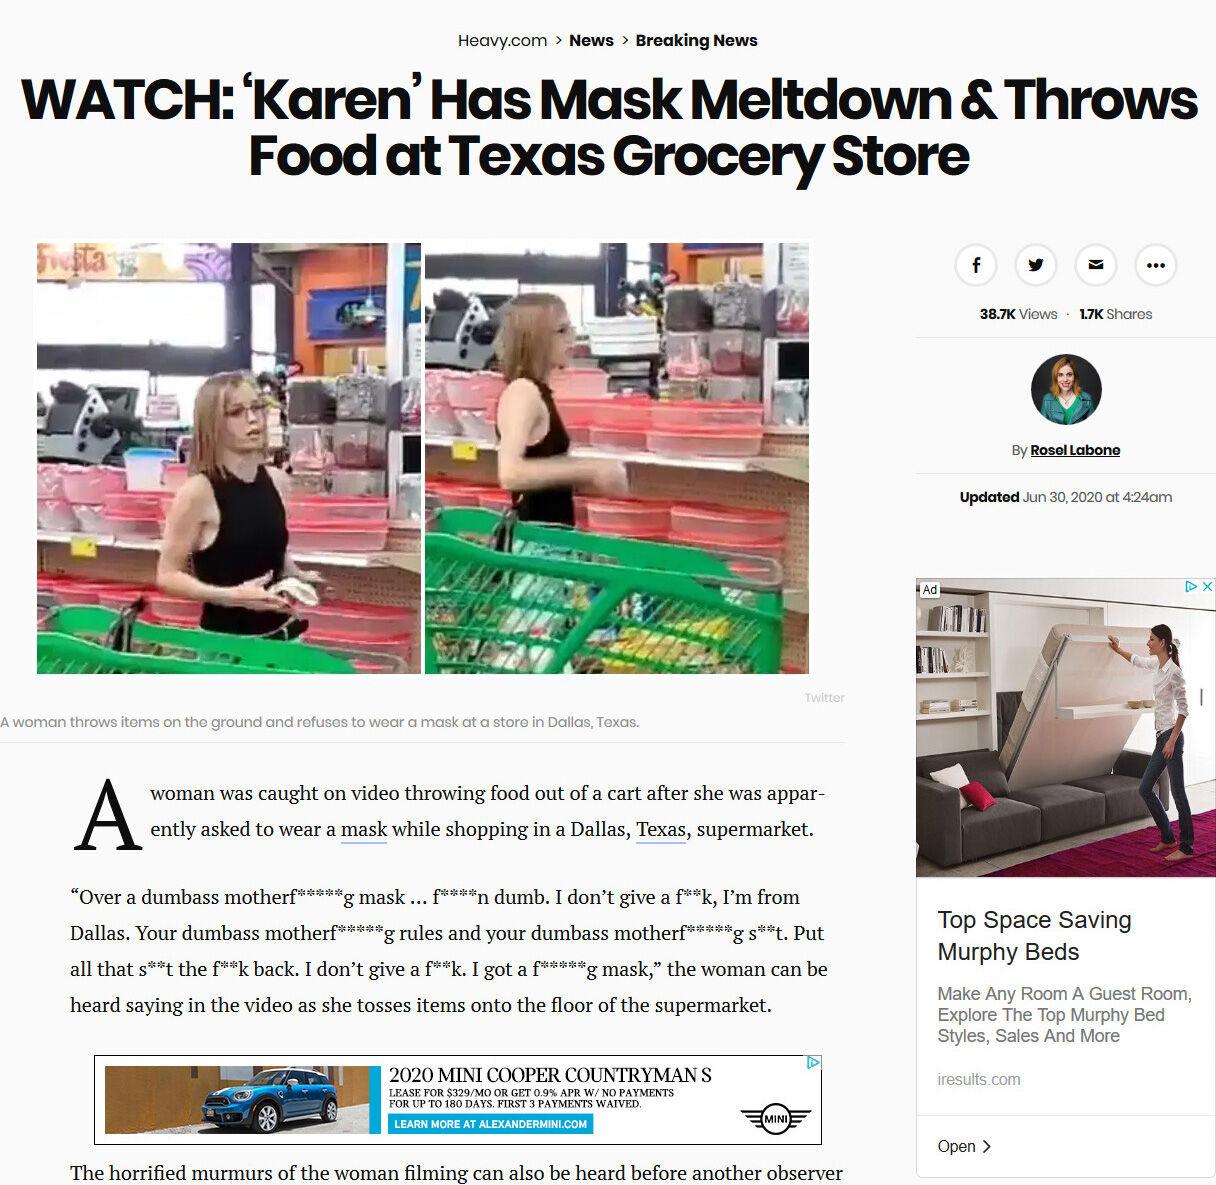 マスク着用を拒否して暴れる人達。